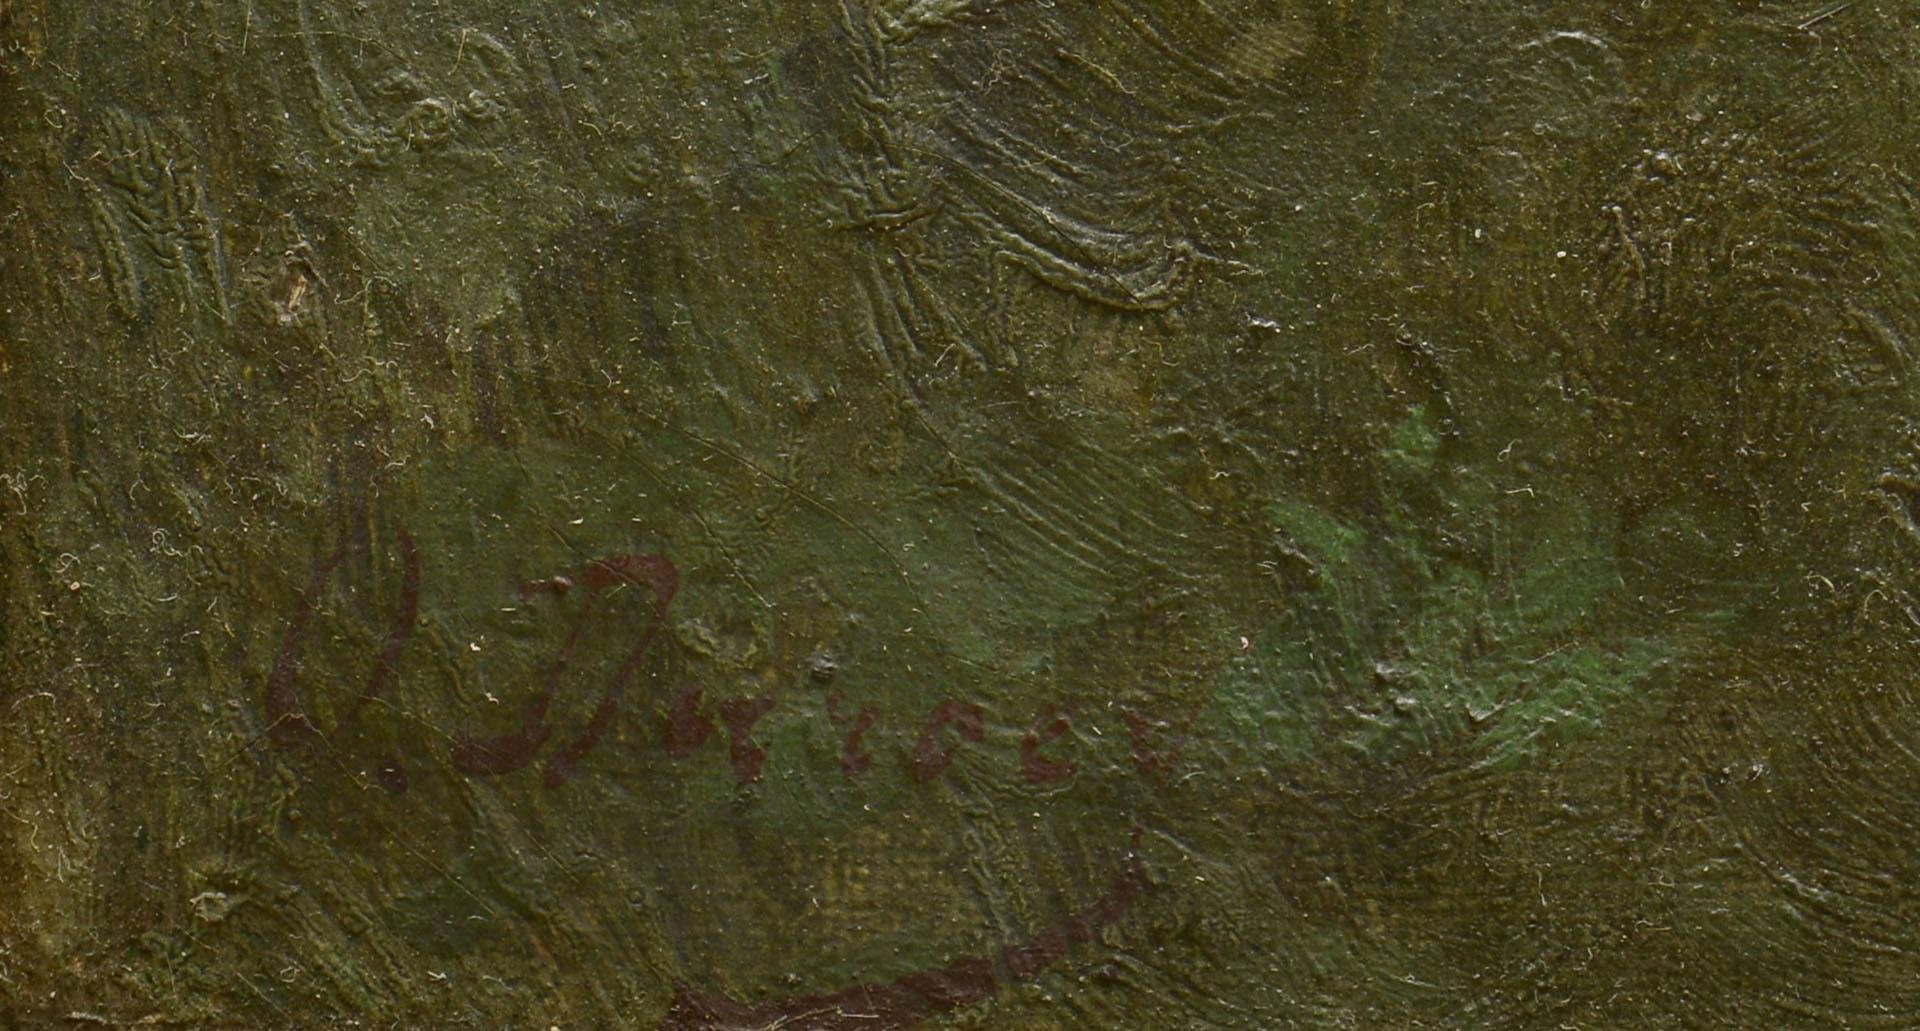 Lot 374: Oil on Canvas, Victorian Genre Scene